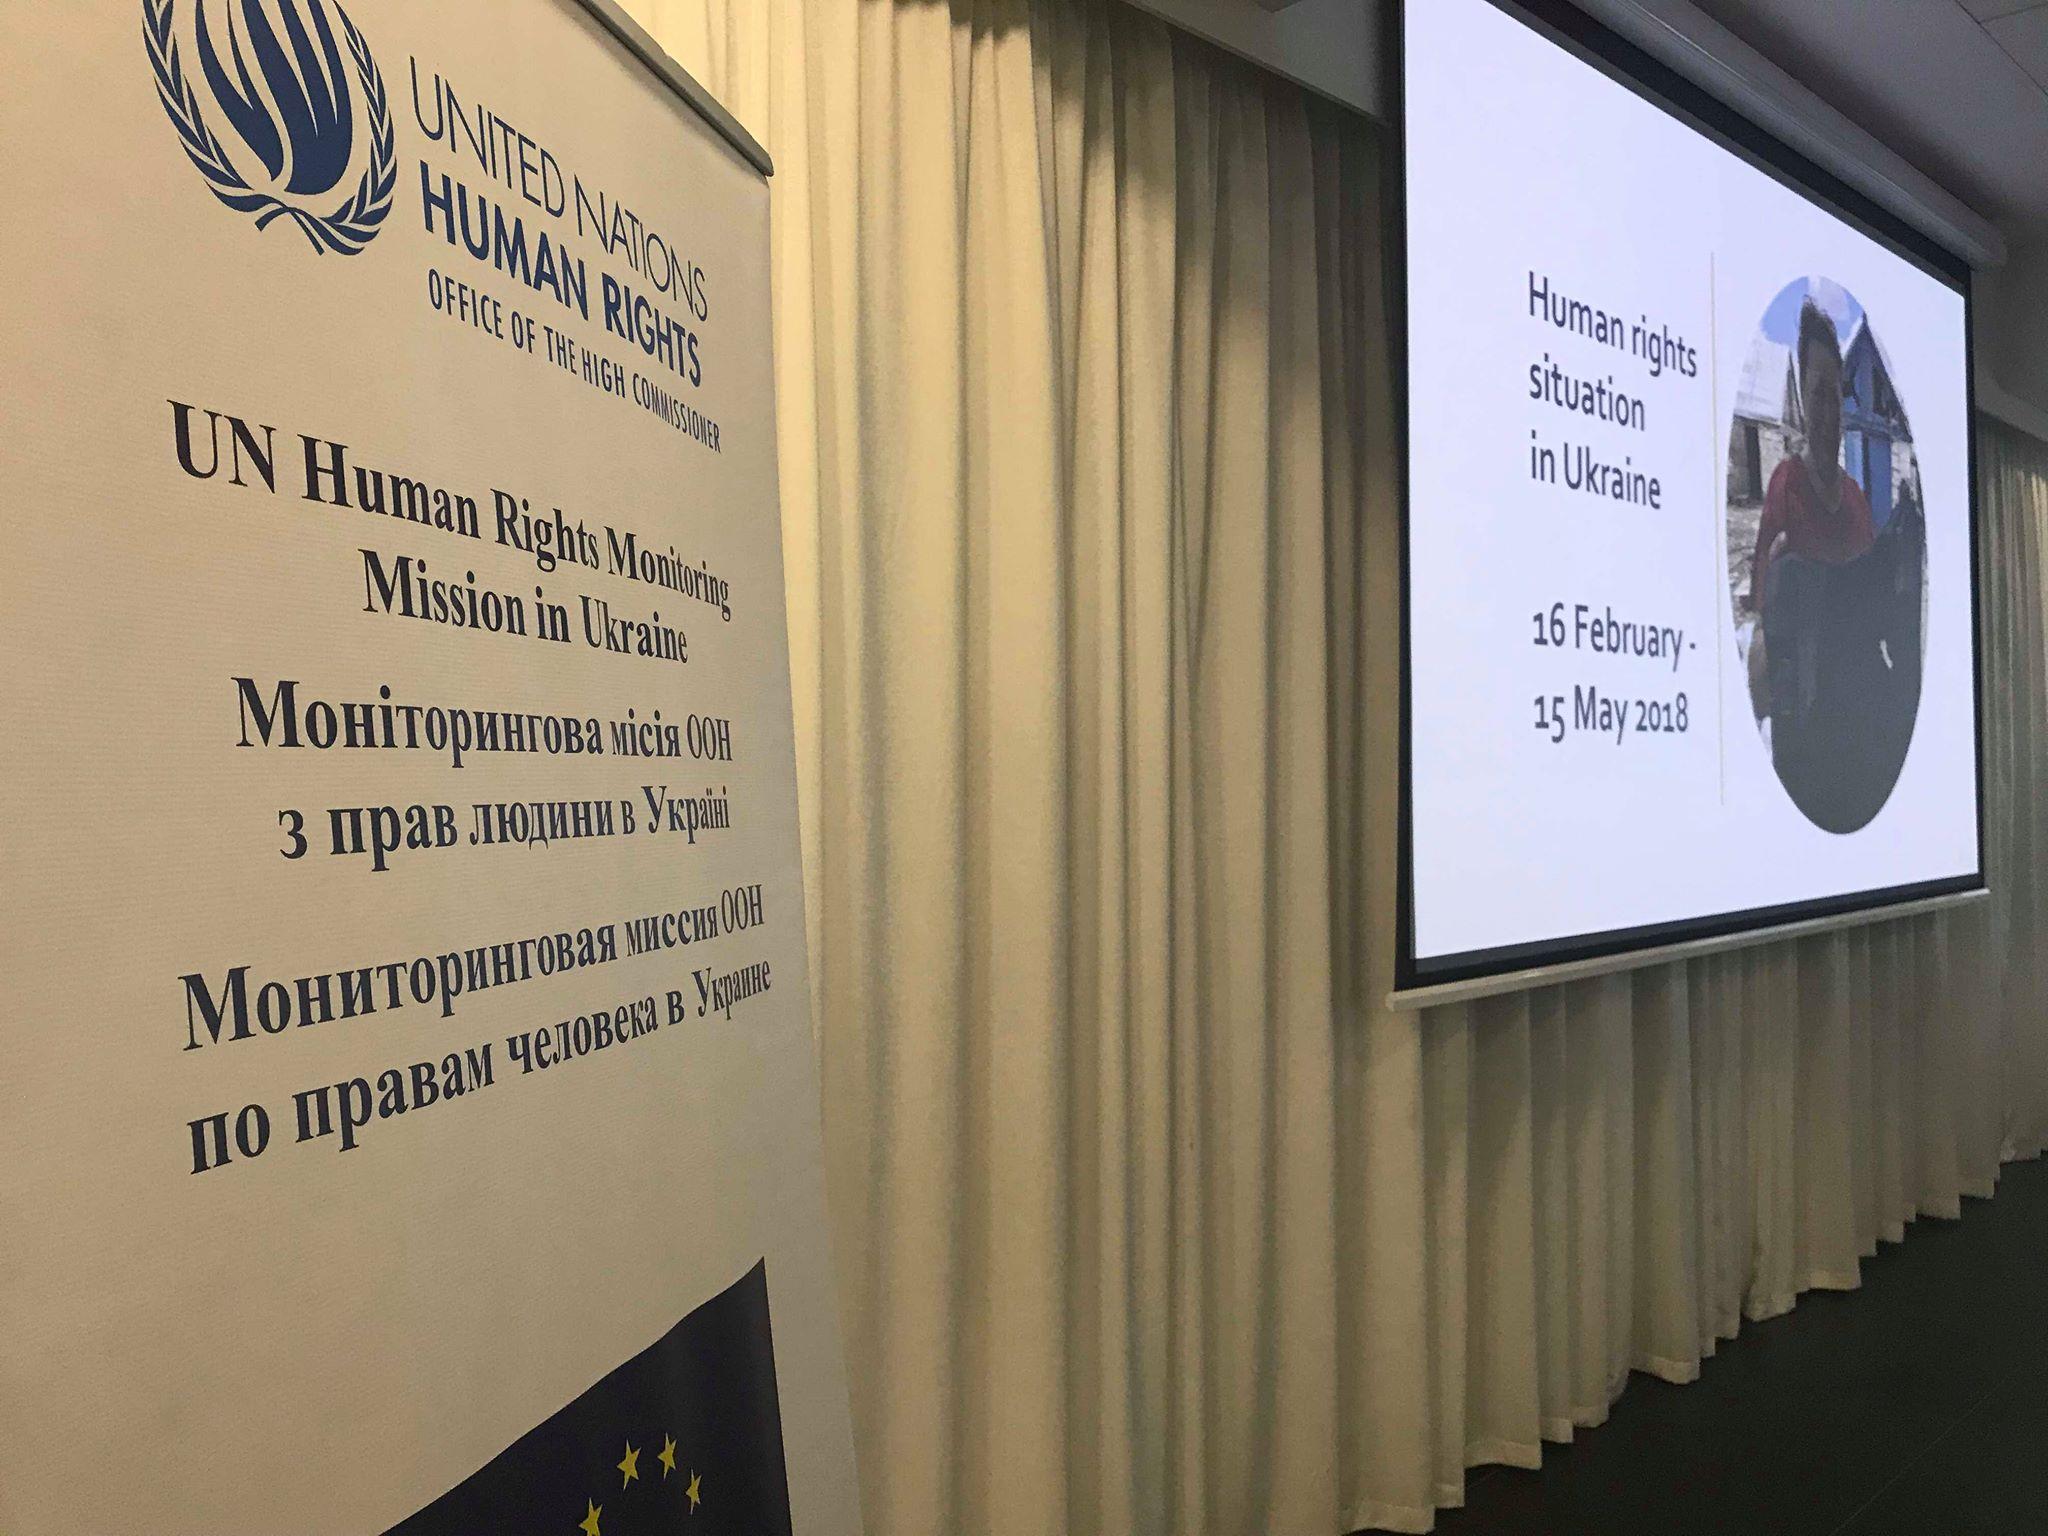 """Адвокати <span class=""""equity"""">EQUITY</span> відвідали презентацію нової доповіді Управління Верховного комісара ООН з прав людини"""